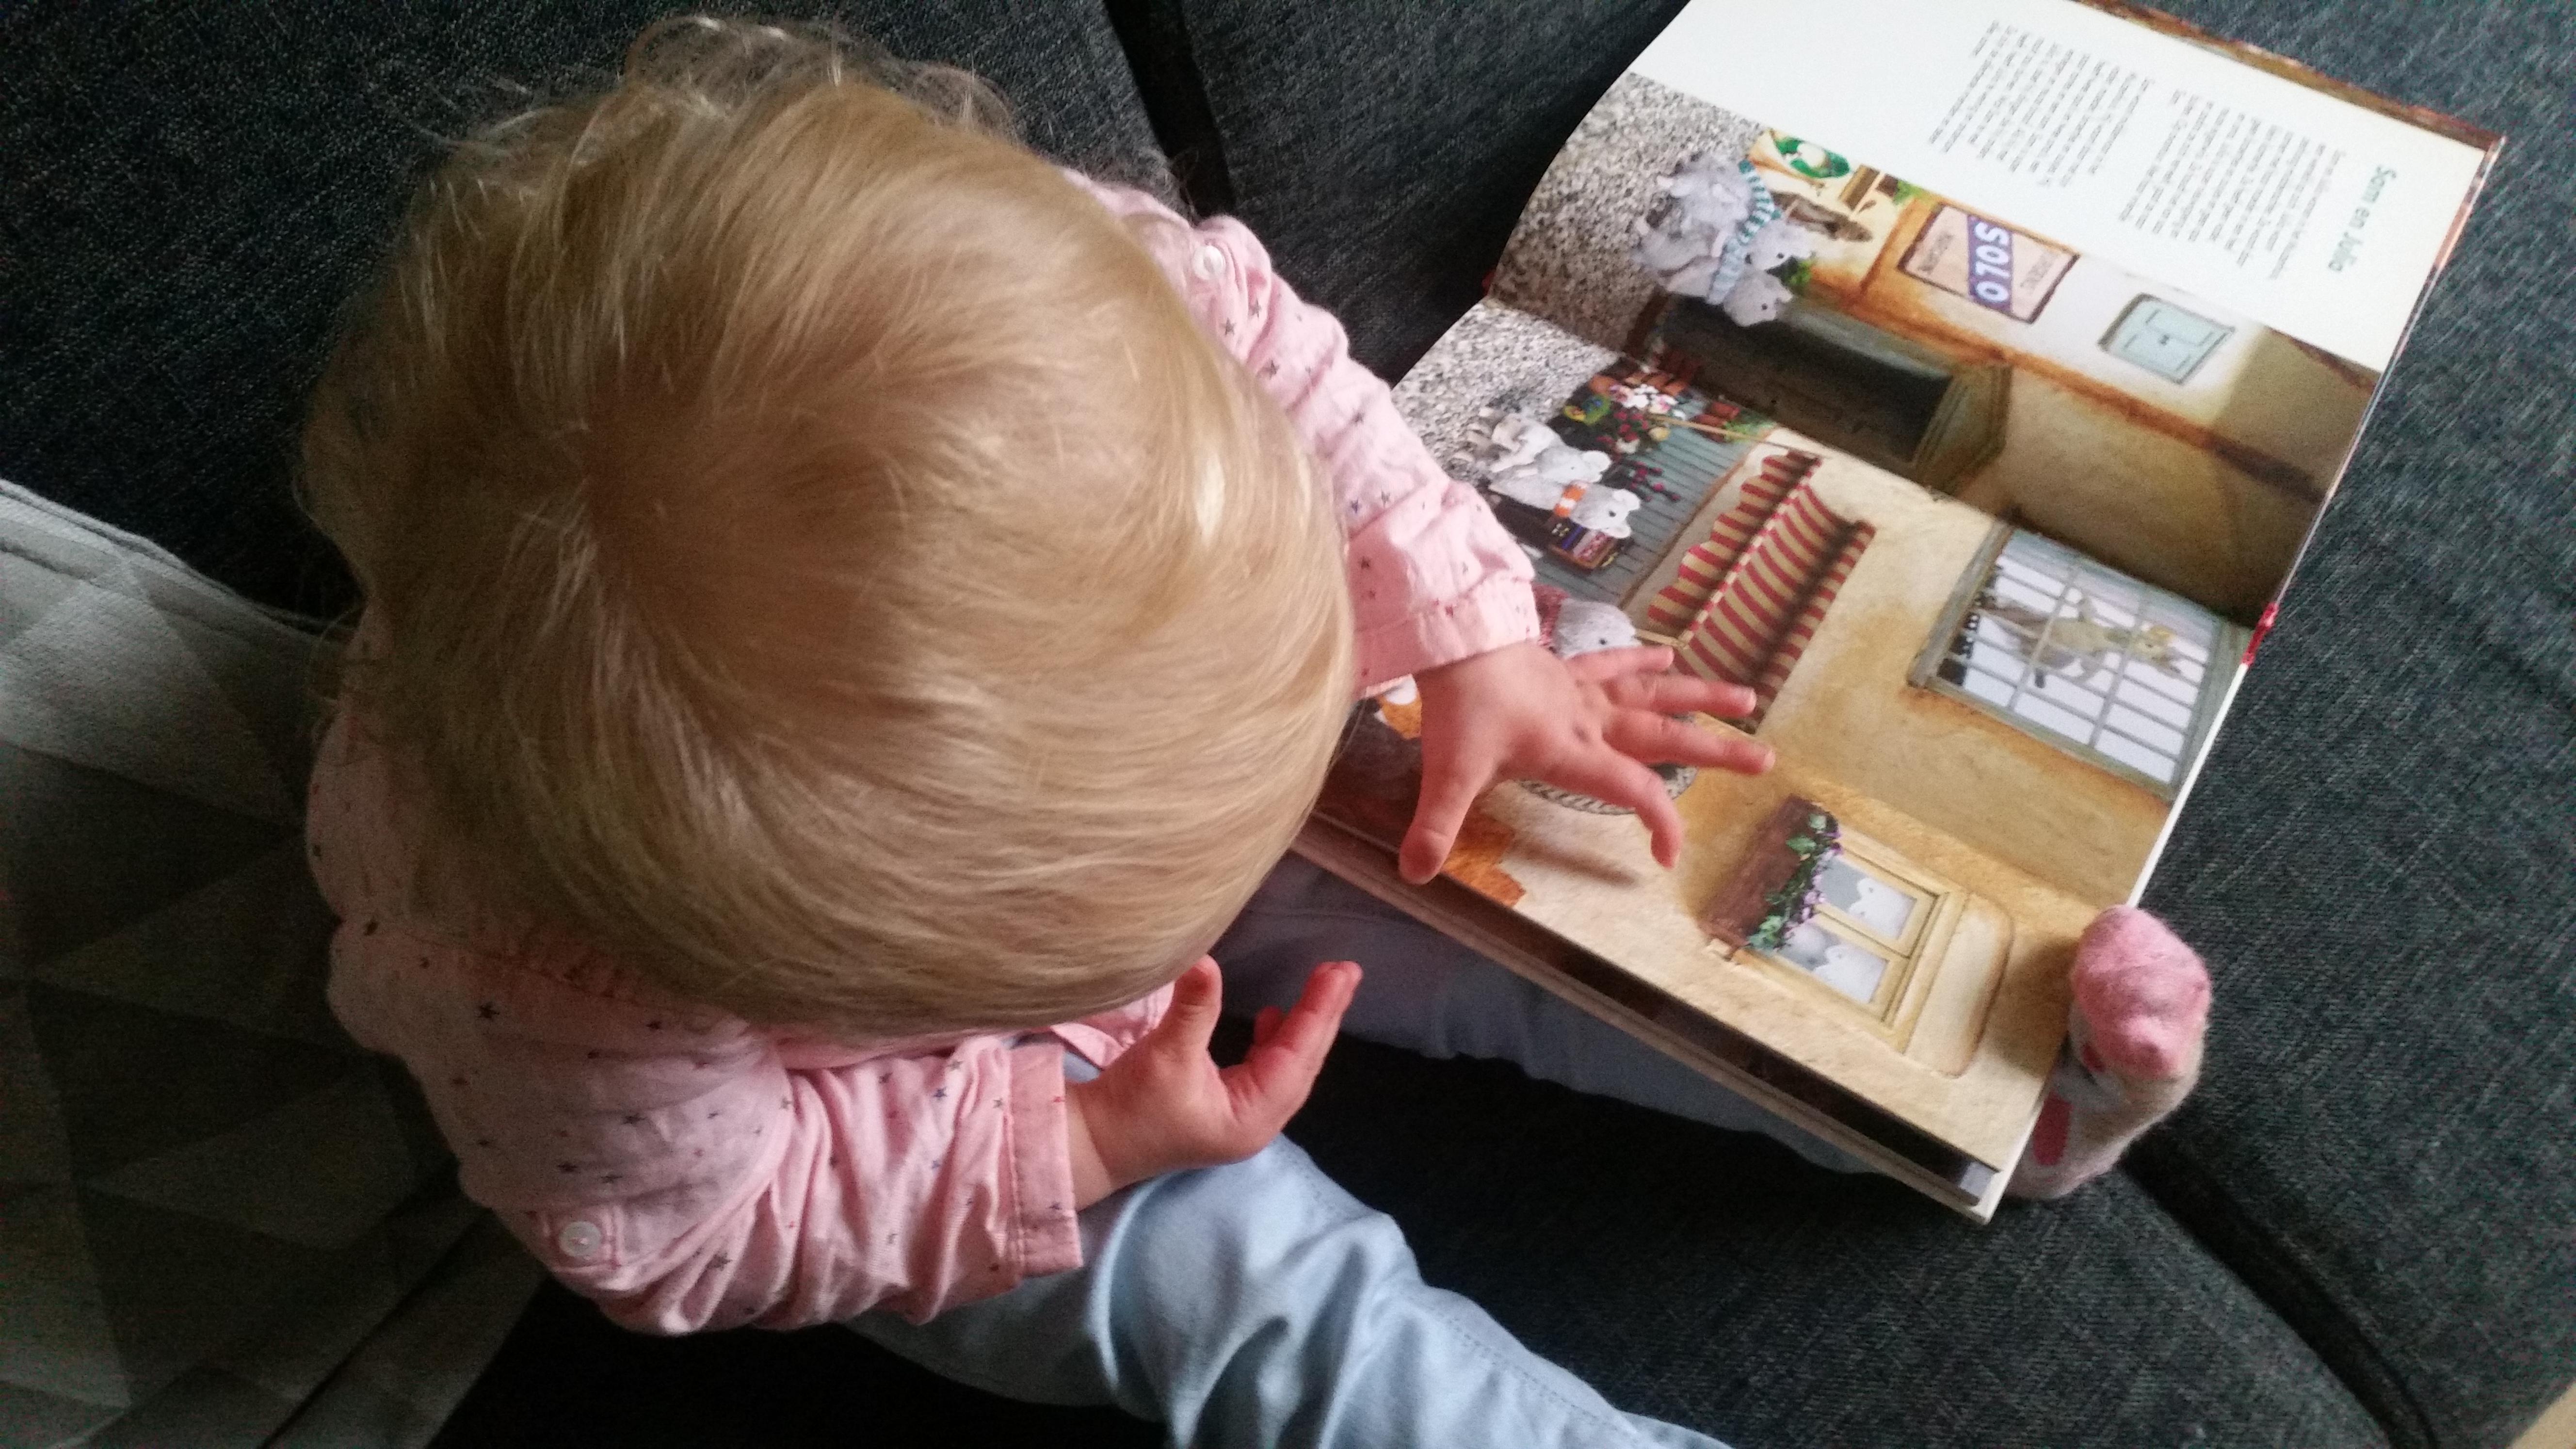 5-16-kermis-muizenhuis-boek-review-boeken-lezen-voorlezen-sam-en-julia-muizen-nanny-moeder-amsterdam-achtbaan-lezen